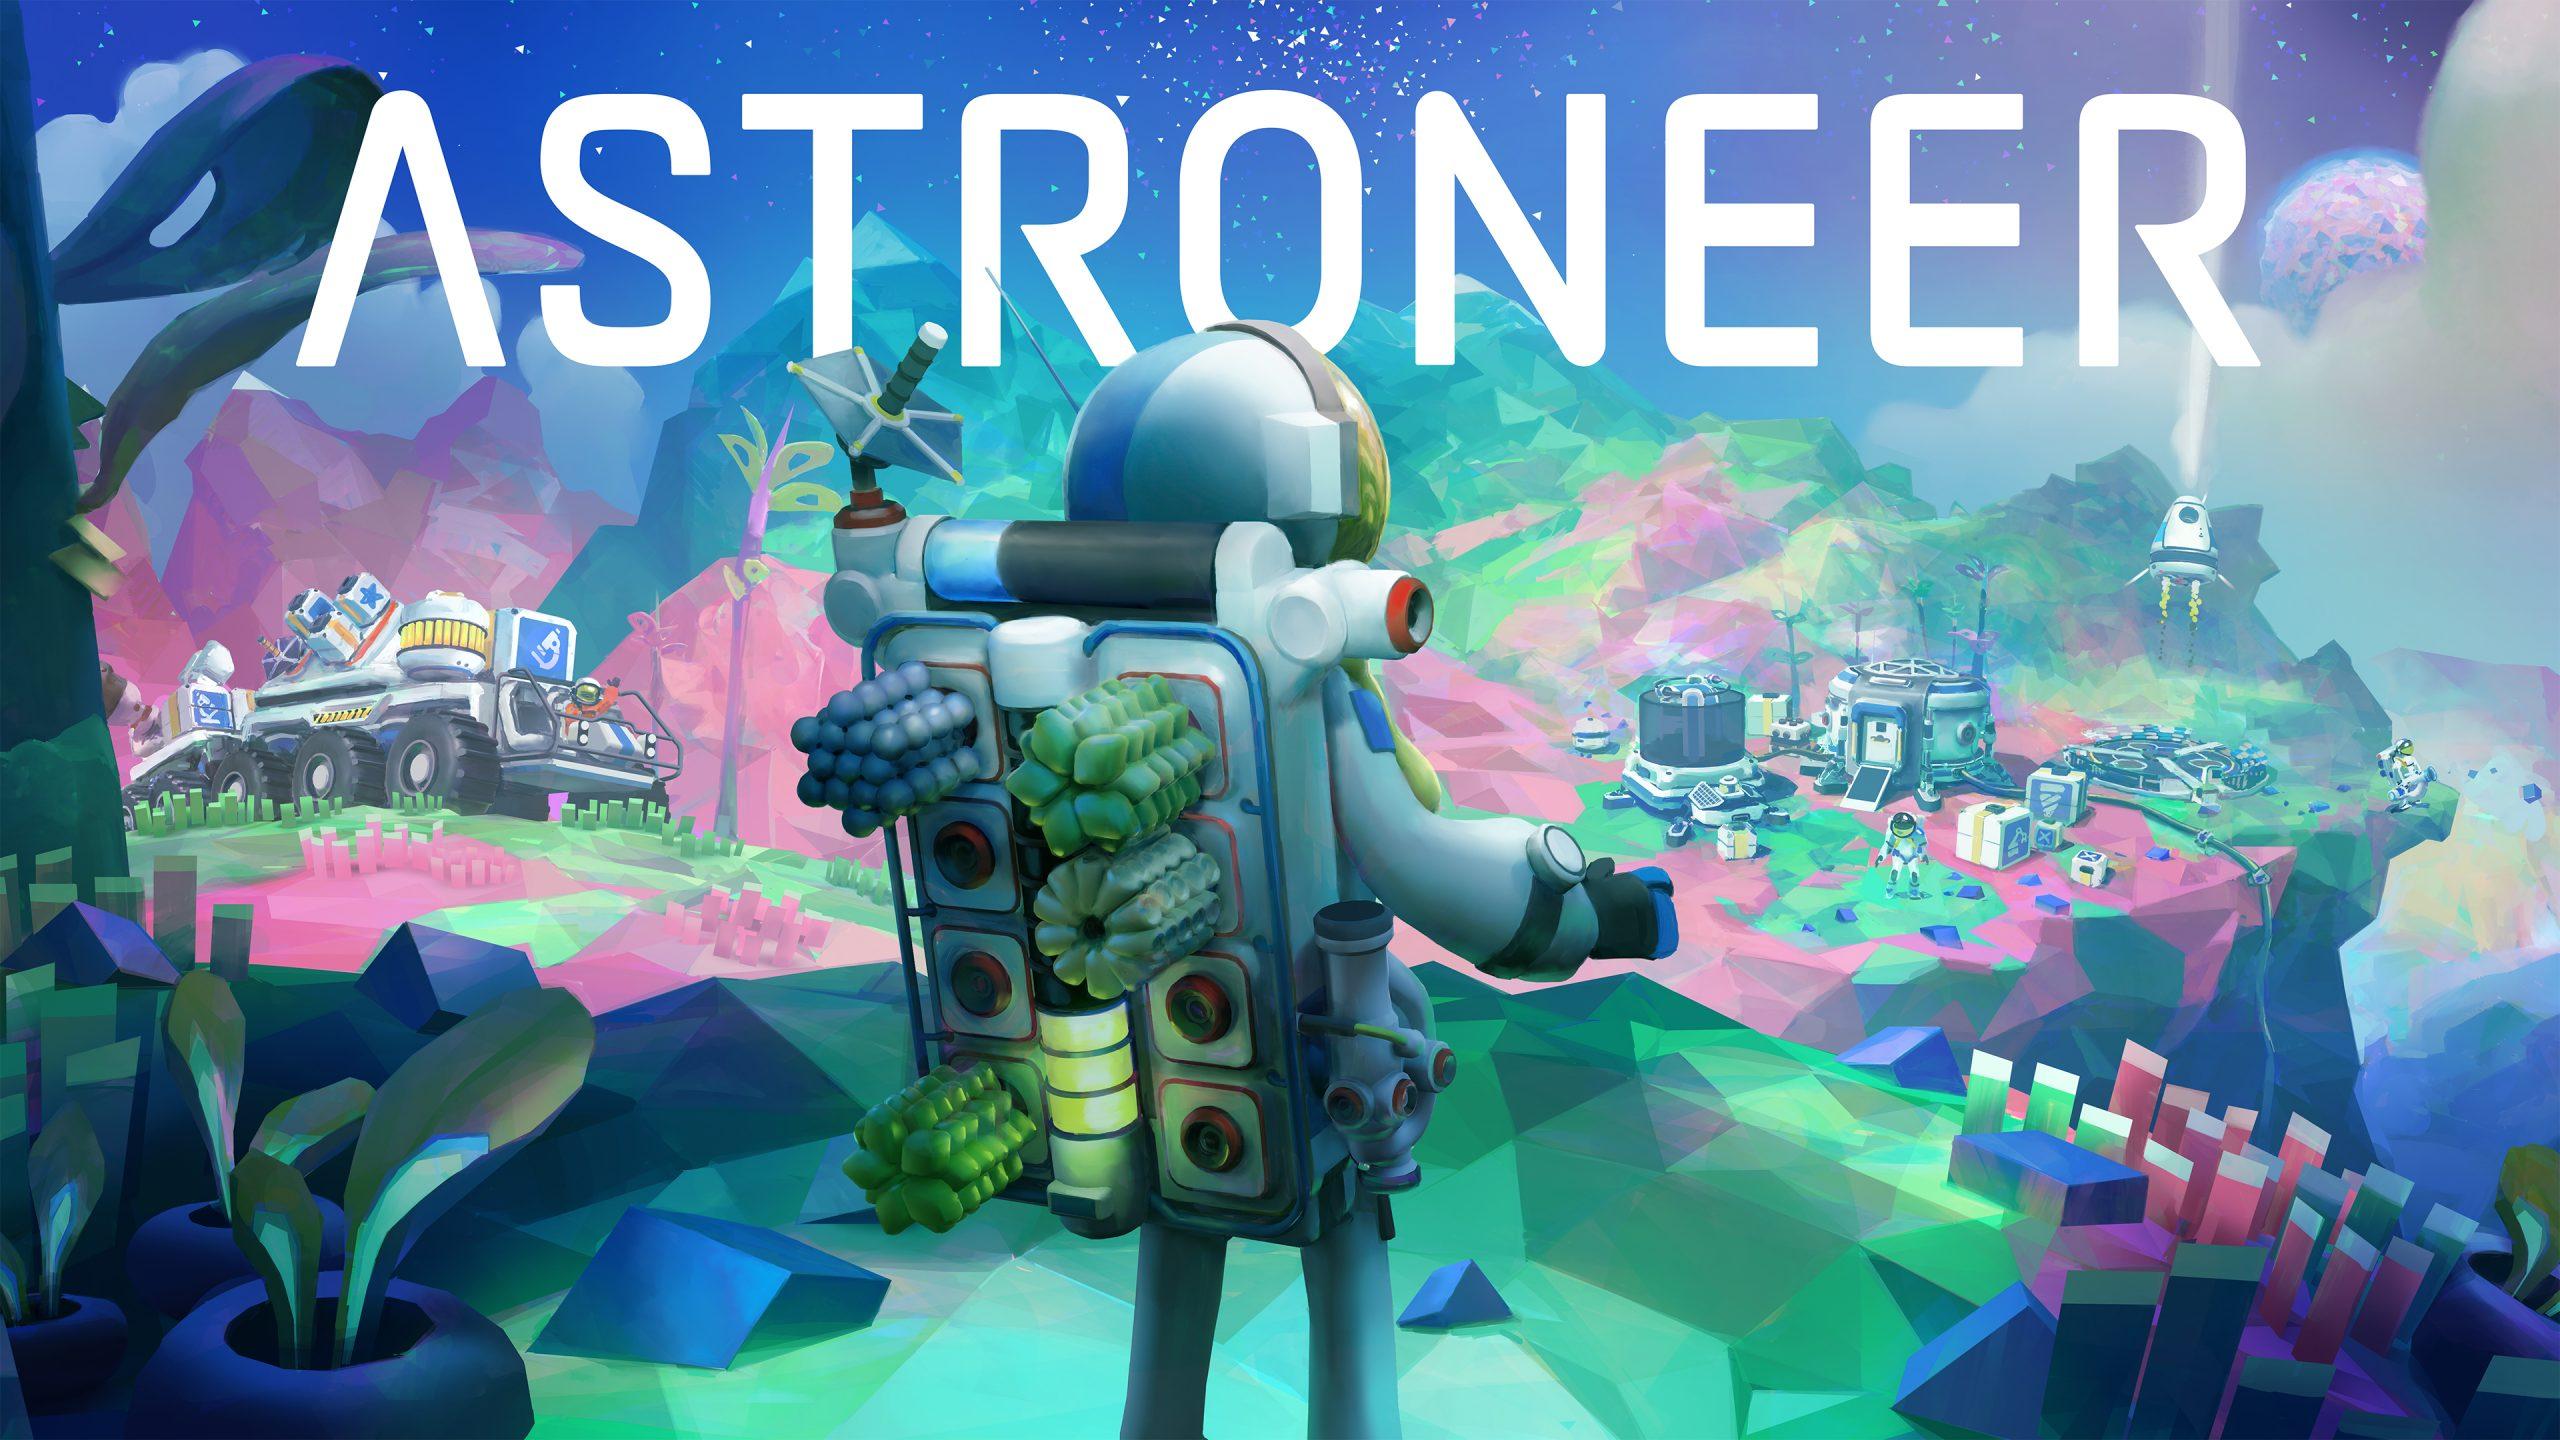 Video Games | Astroneer